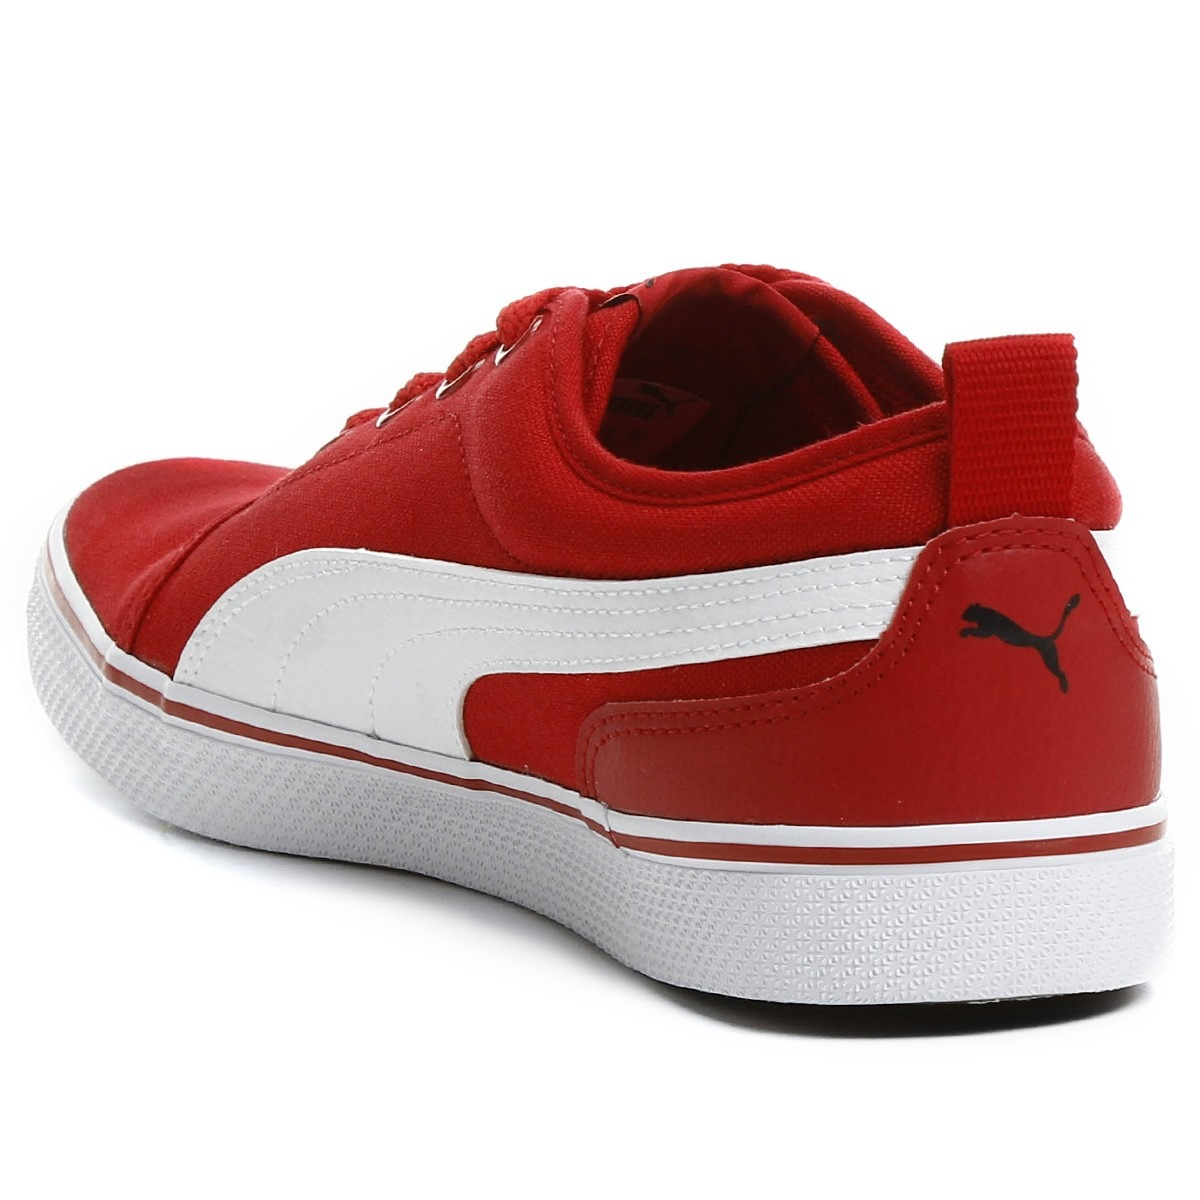 72e66cafc92 Tênis Puma S Street Vulc Cv 43 Vermelho Skate Casual - R  109